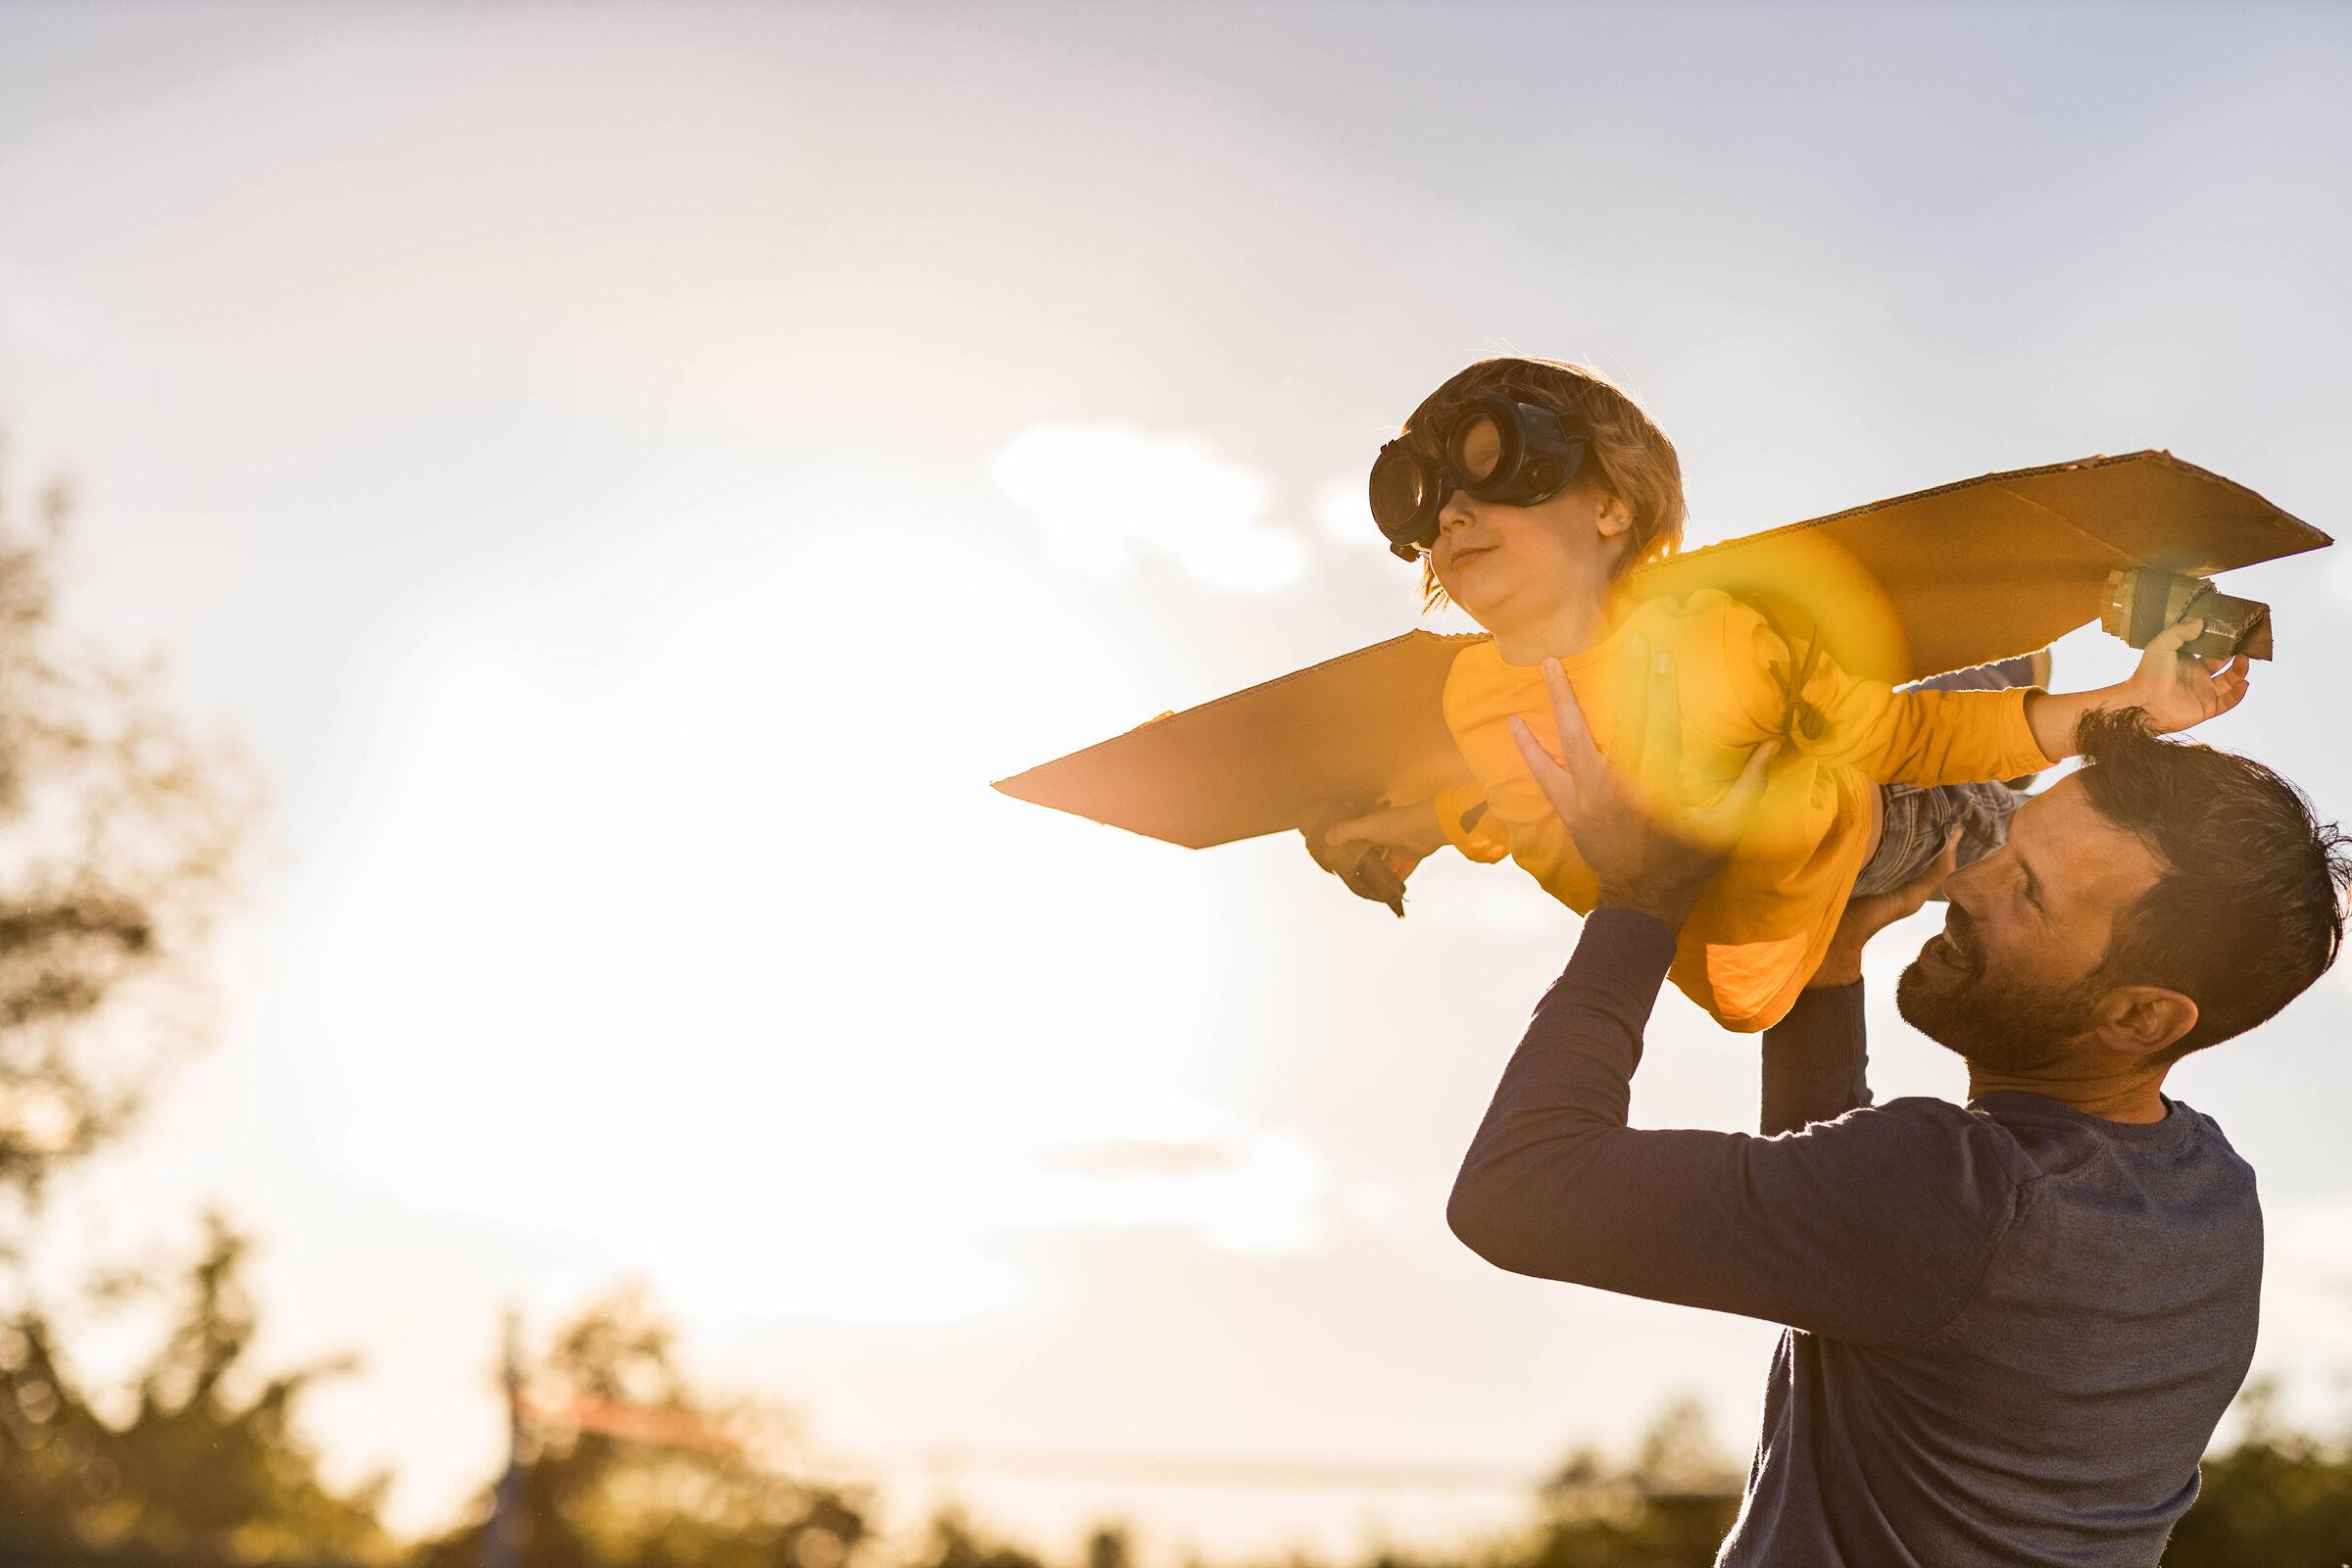 Pai-fazendo-filho-voar-de-aviaozinho